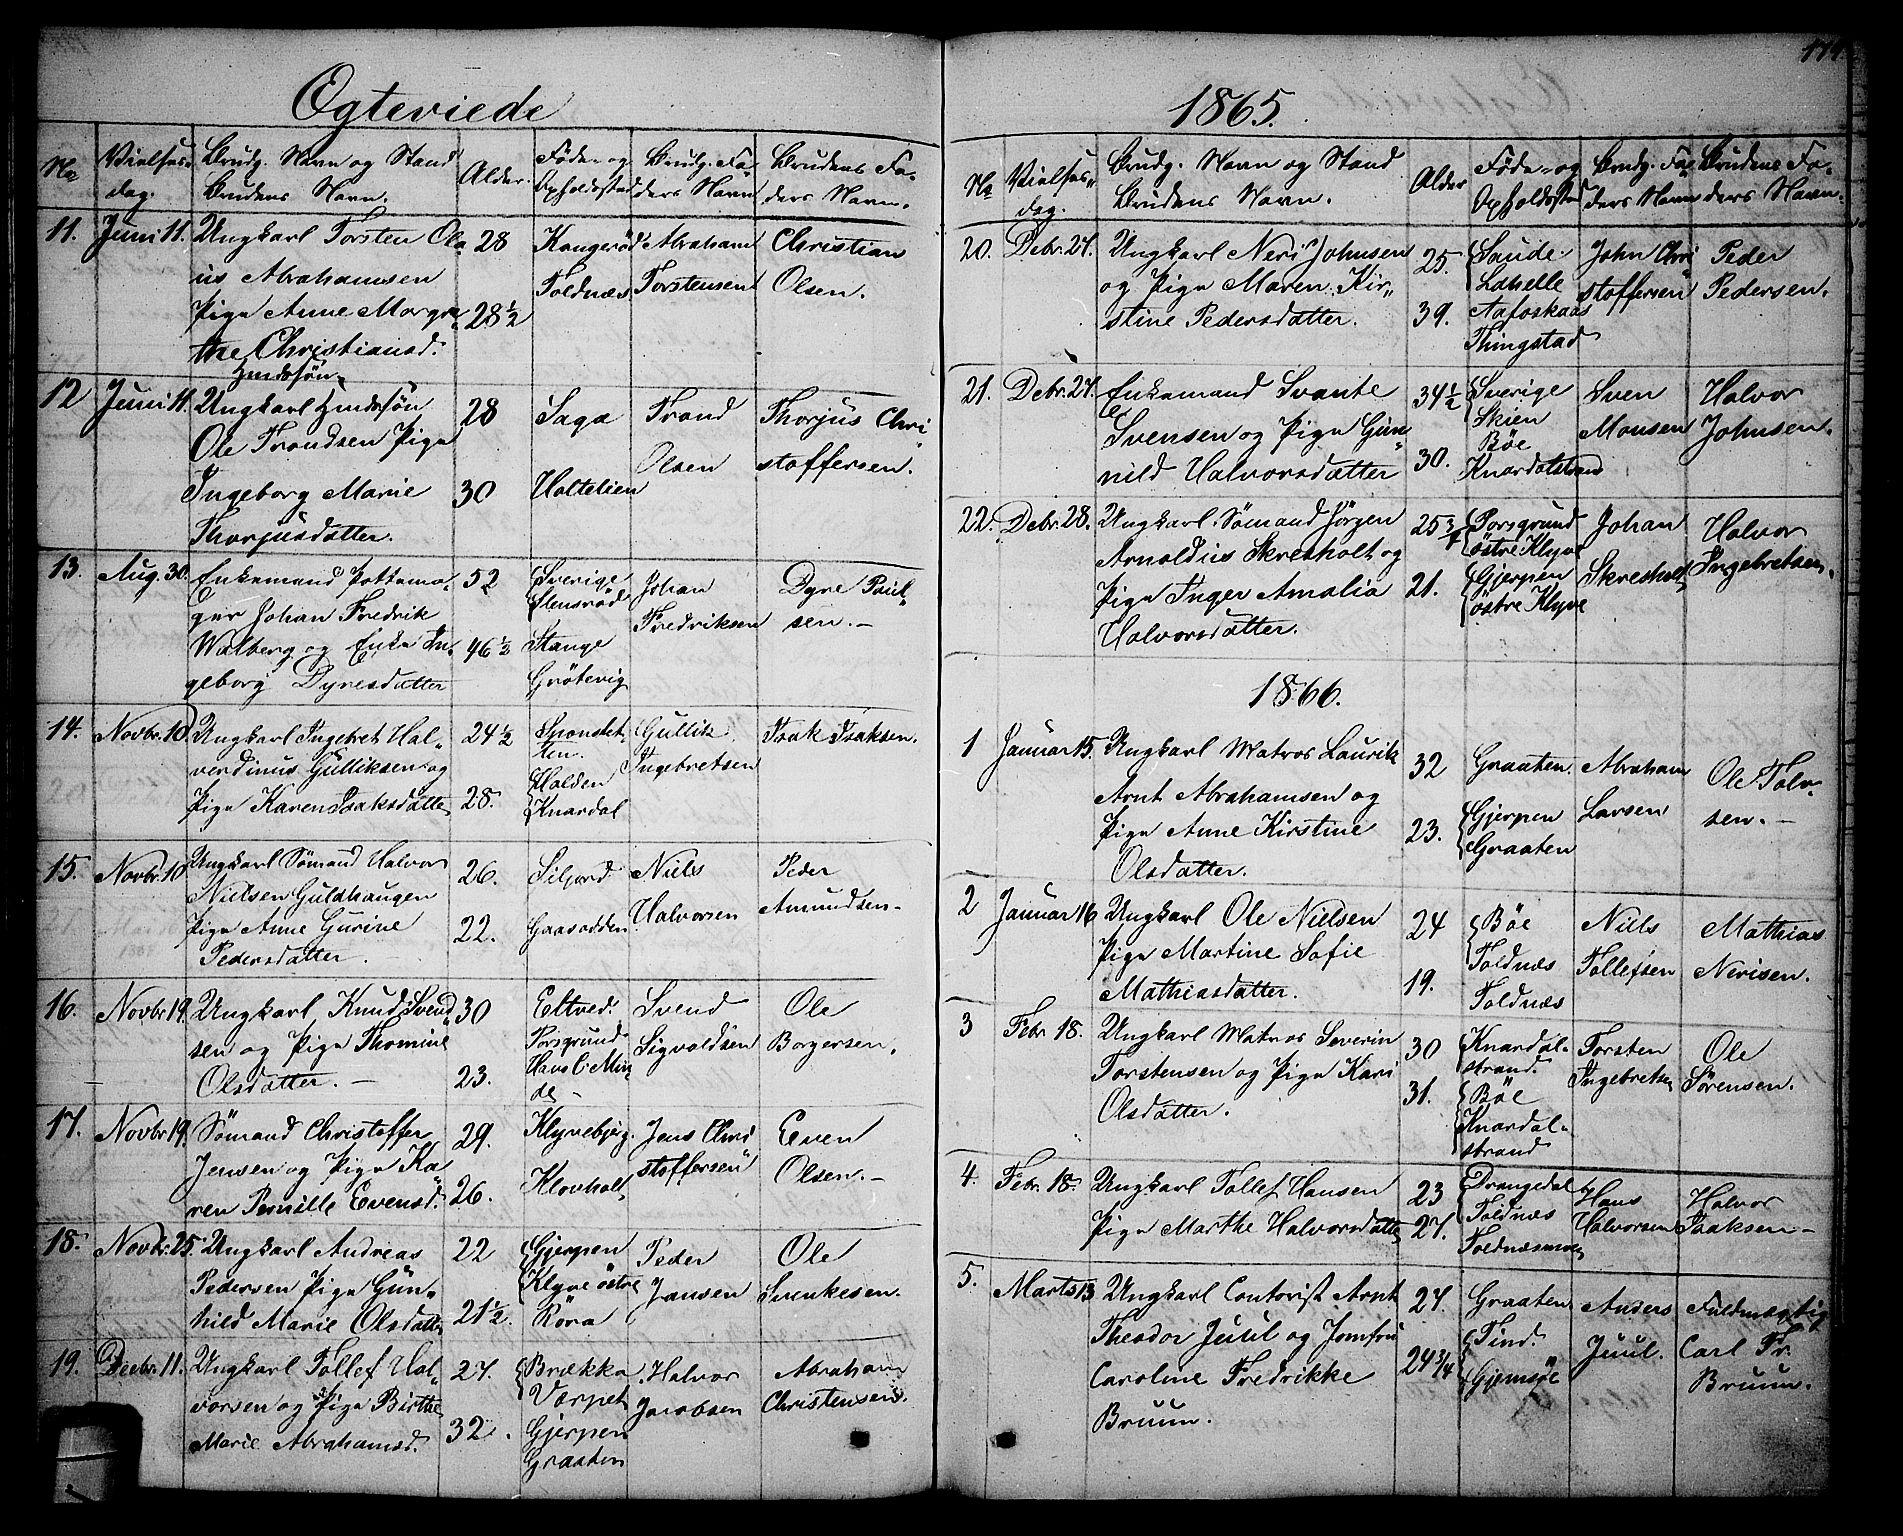 SAKO, Solum kirkebøker, G/Ga/L0004: Klokkerbok nr. I 4, 1859-1876, s. 179